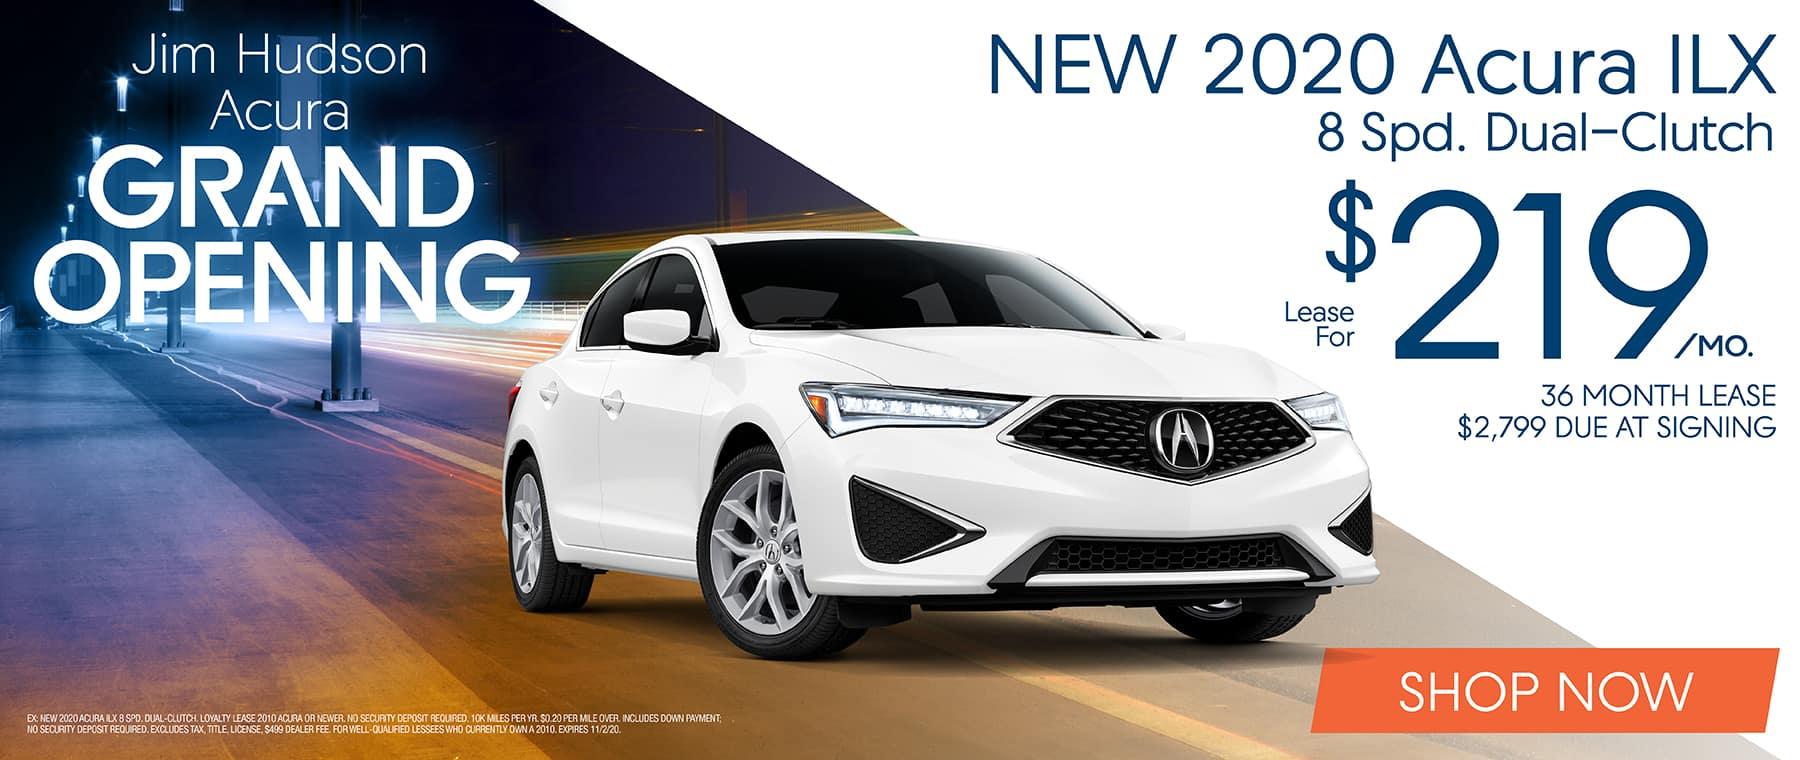 New 2020 Acura ILX!